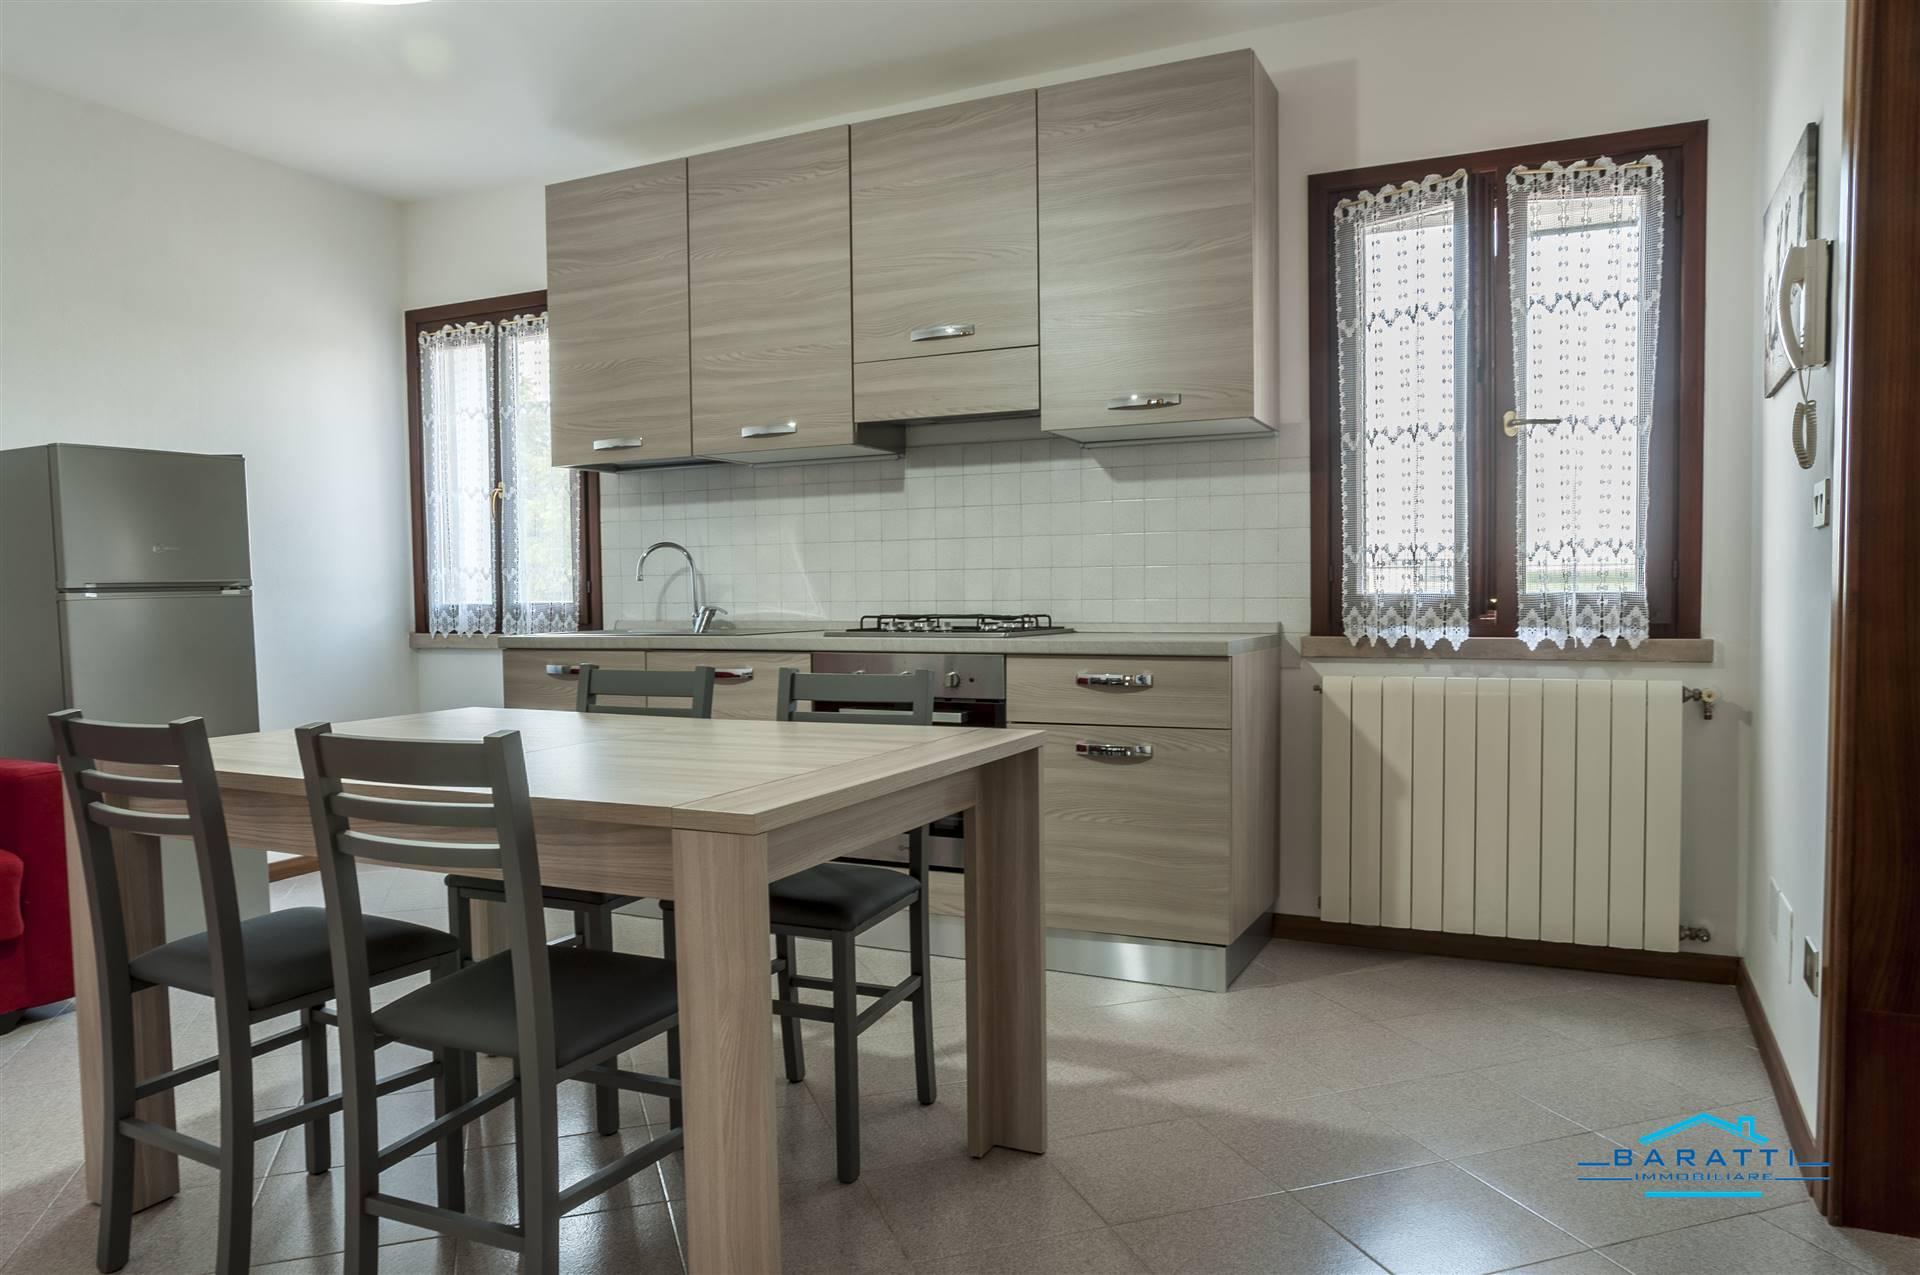 Appartamento in affitto a Borgo Virgilio, 3 locali, zona Località: CERESE, prezzo € 500 | CambioCasa.it